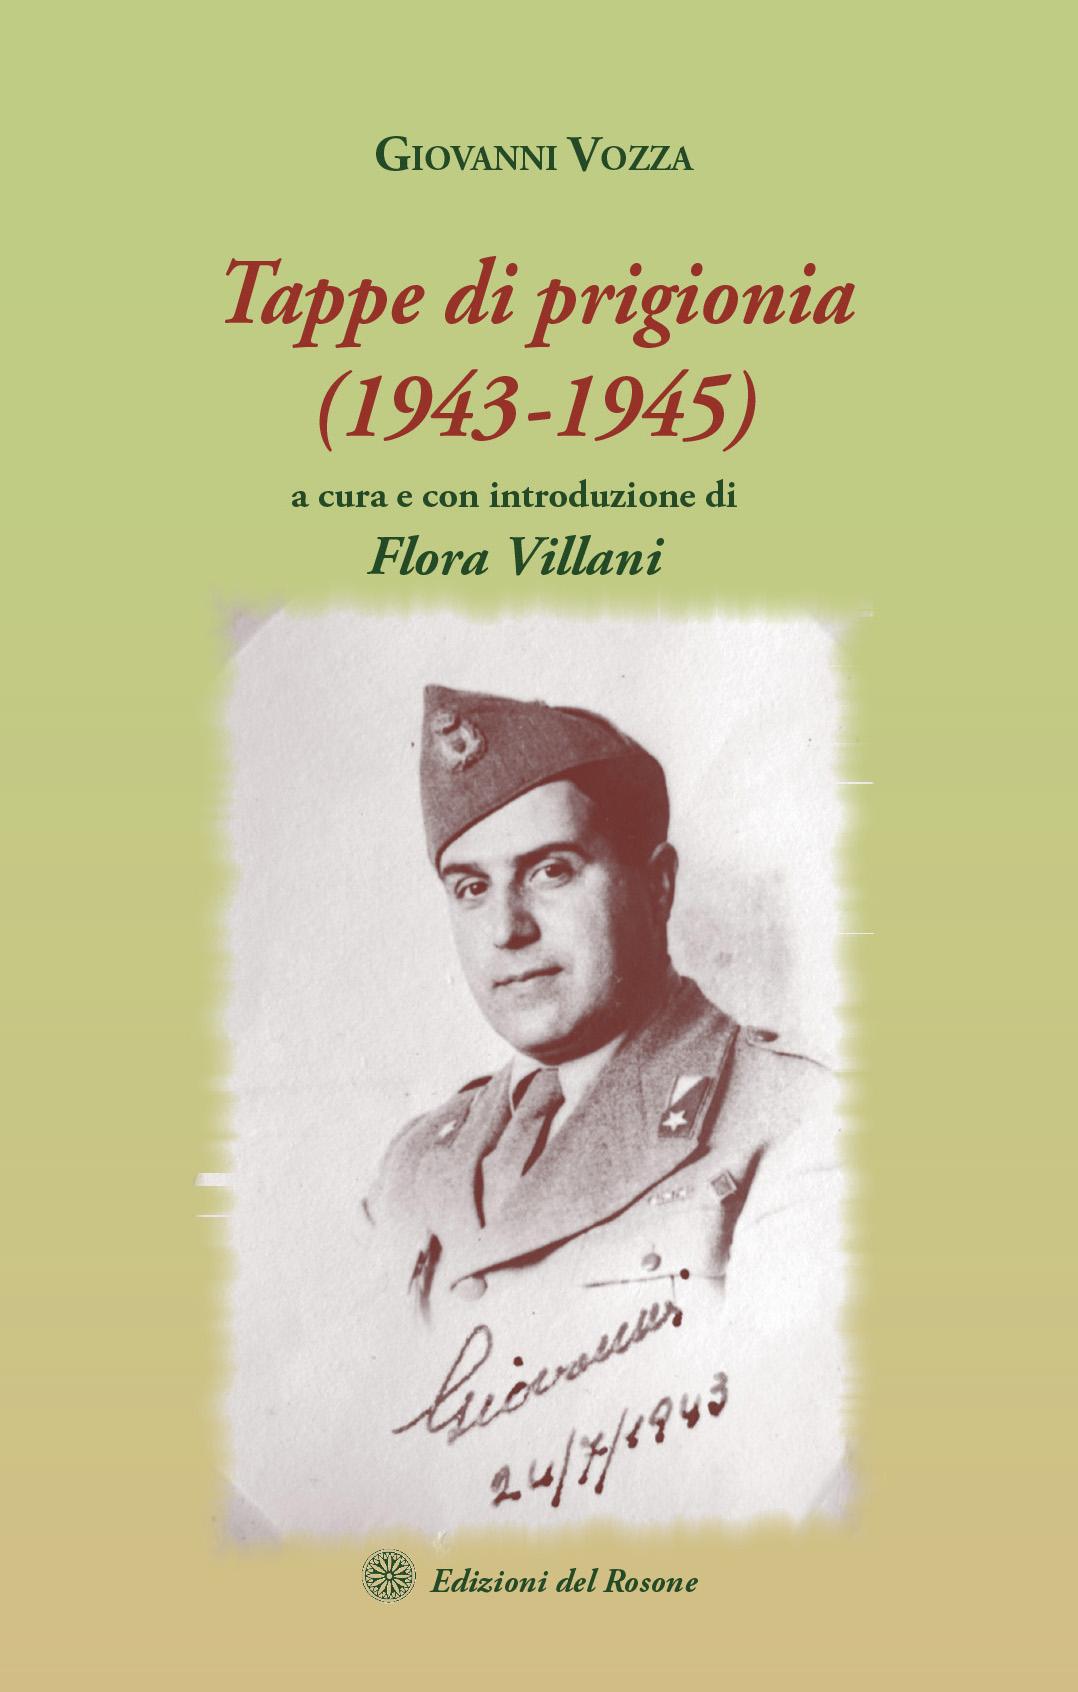 cop-tappe-di-prigionia-1943-1945